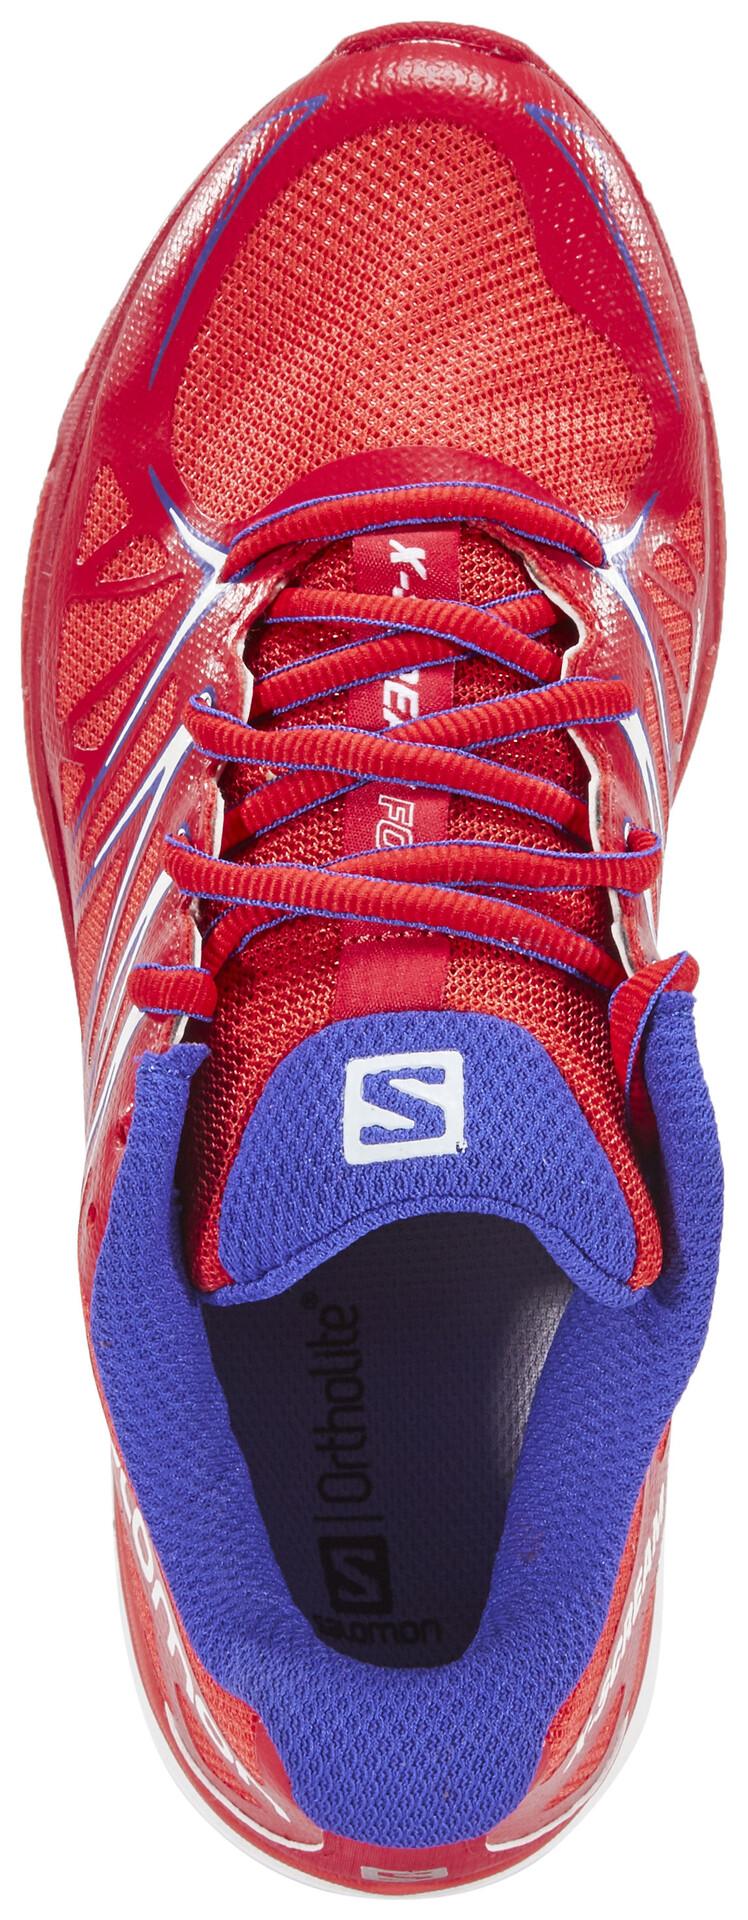 Salomon X Scream Foil Trailrunning Shoes Women papaya blotus